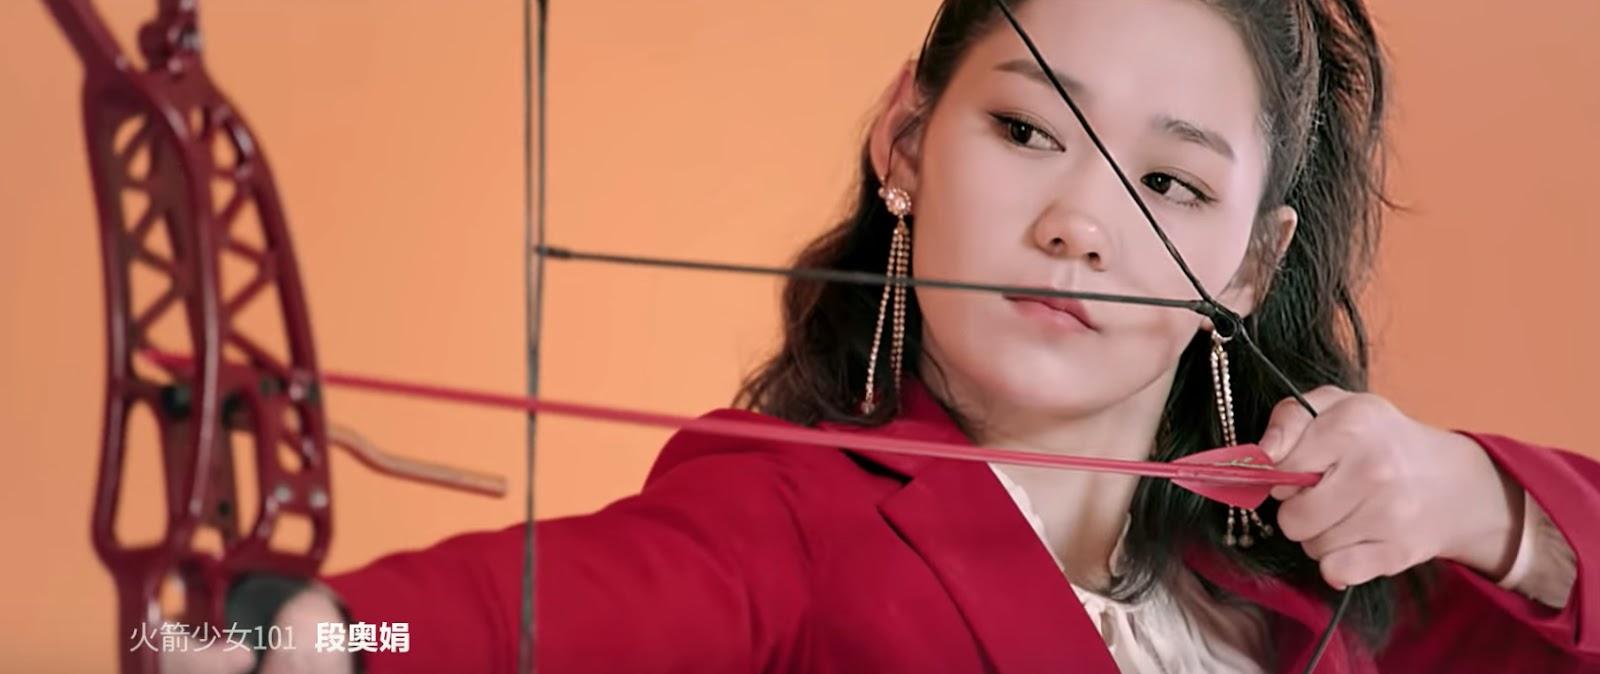 chinese rocket girls fx red velvet 3